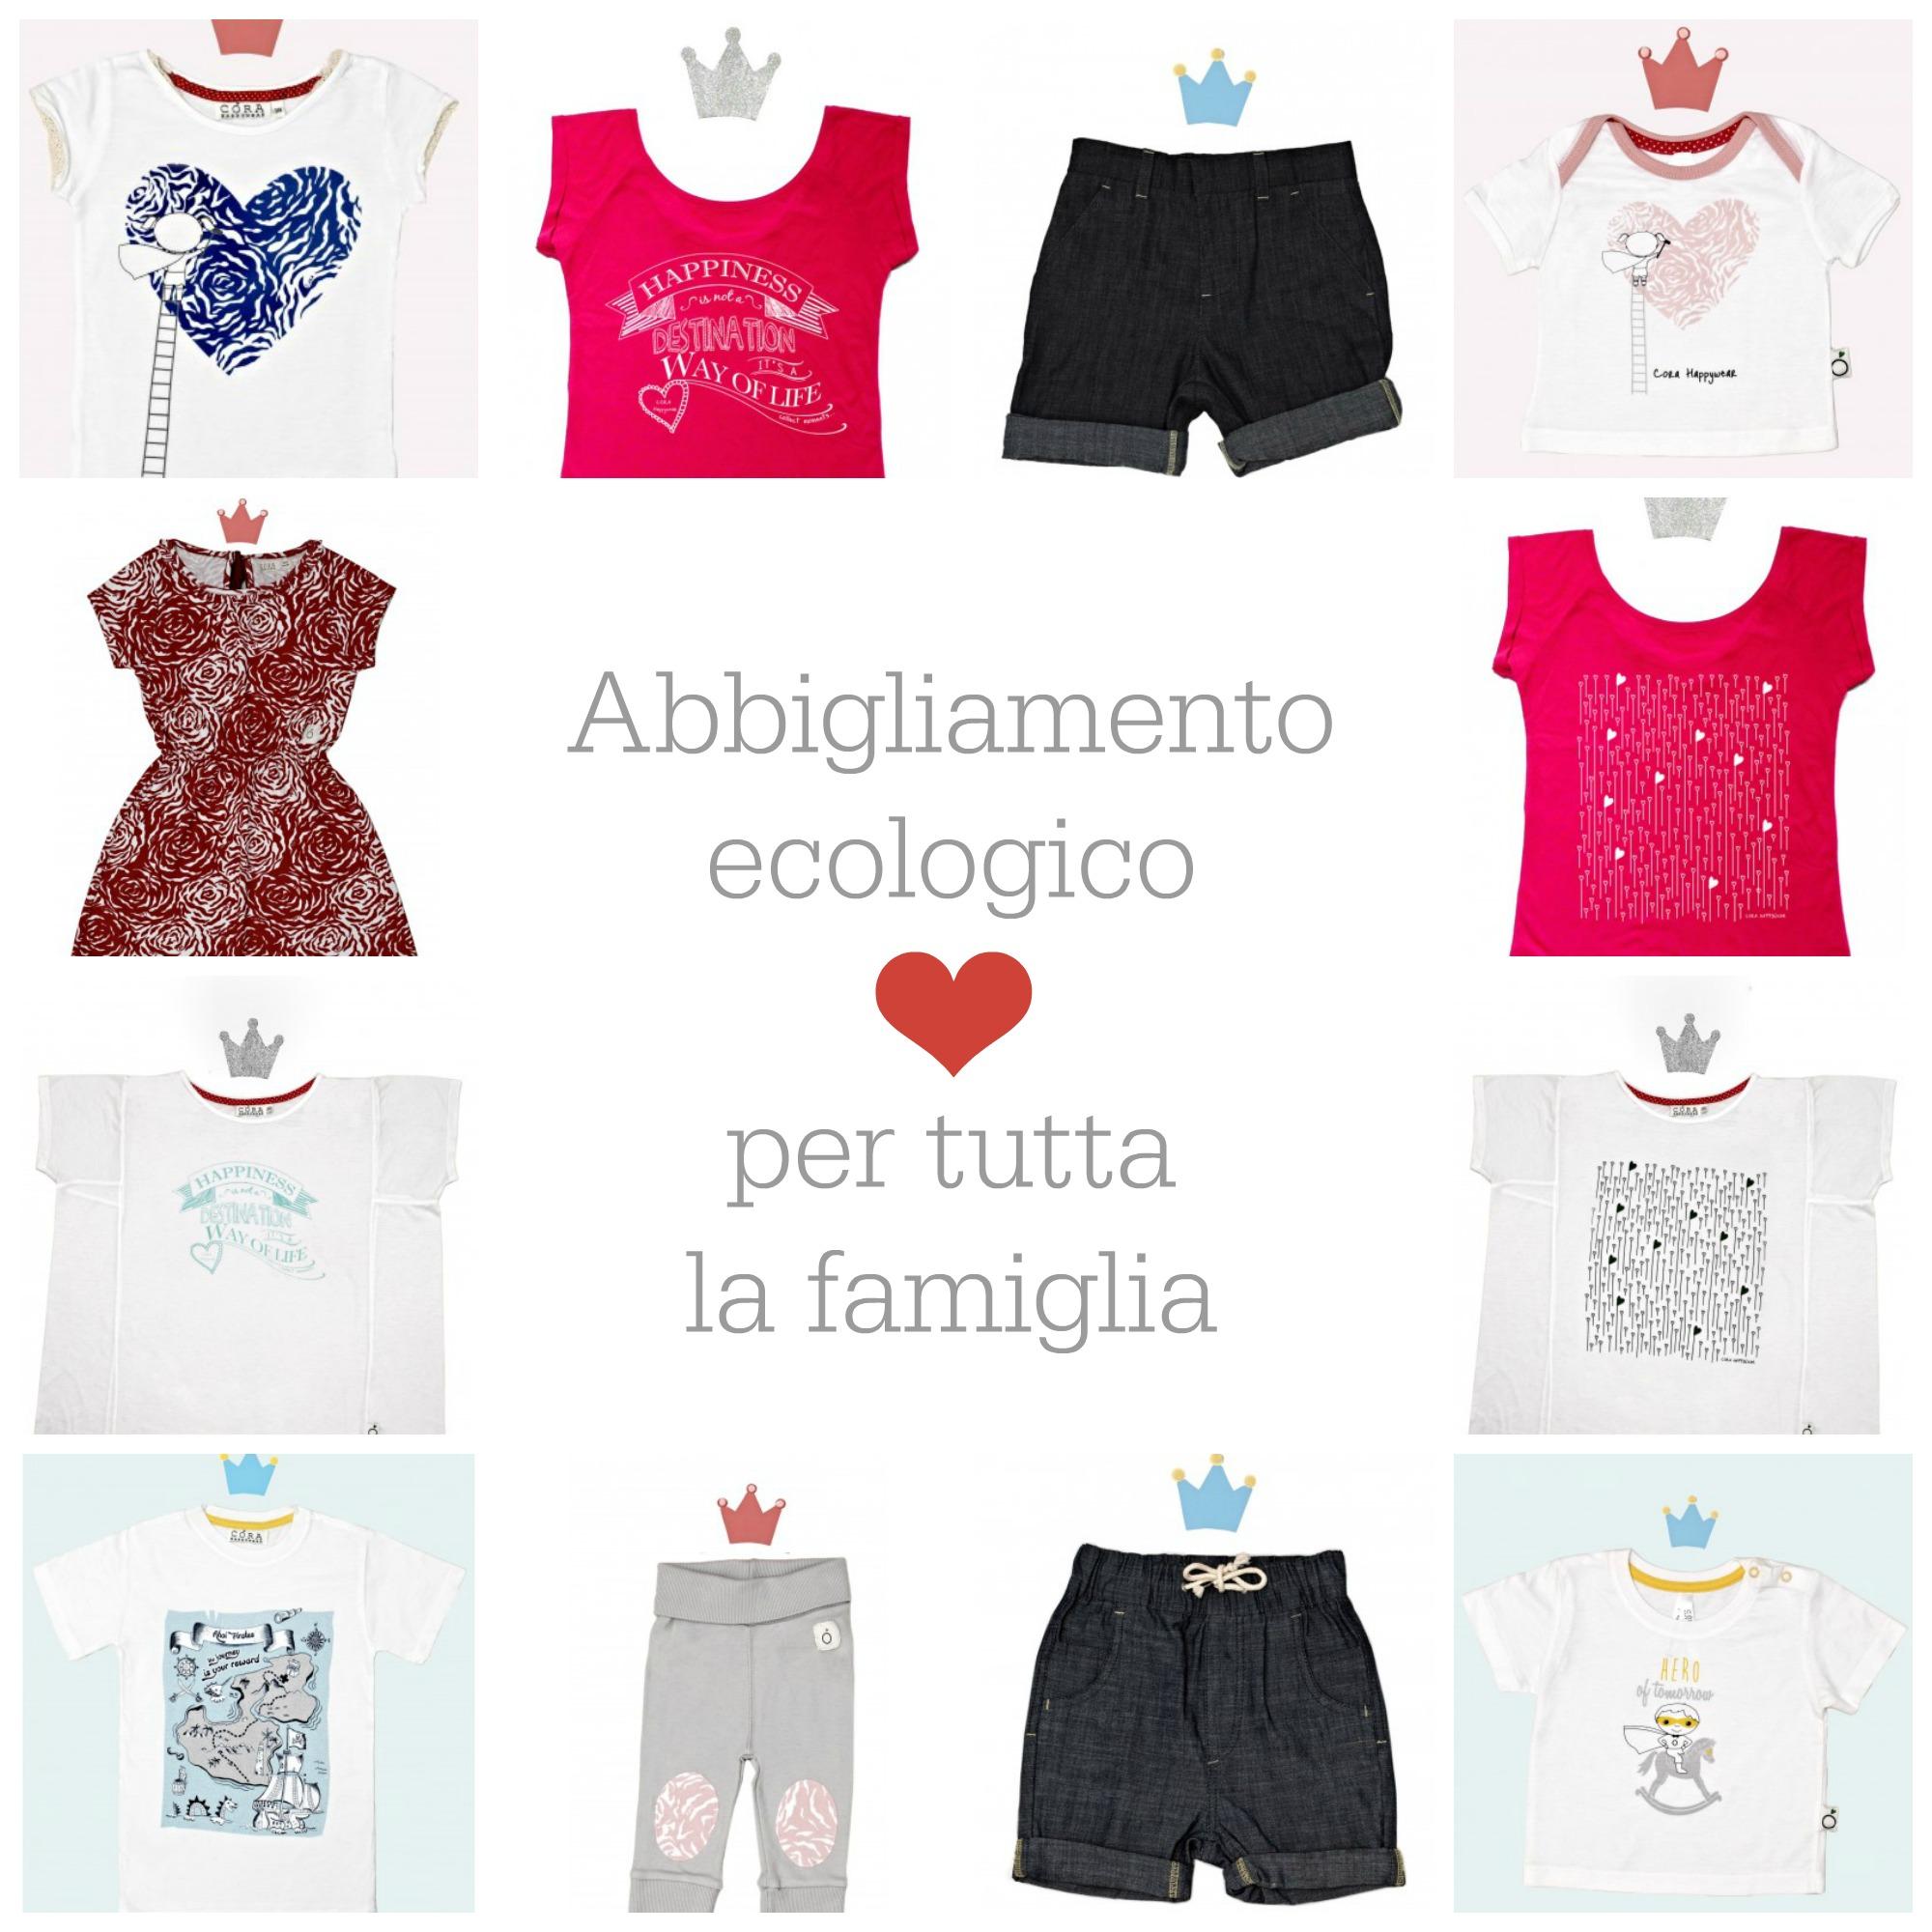 abbigliamento-ecologico